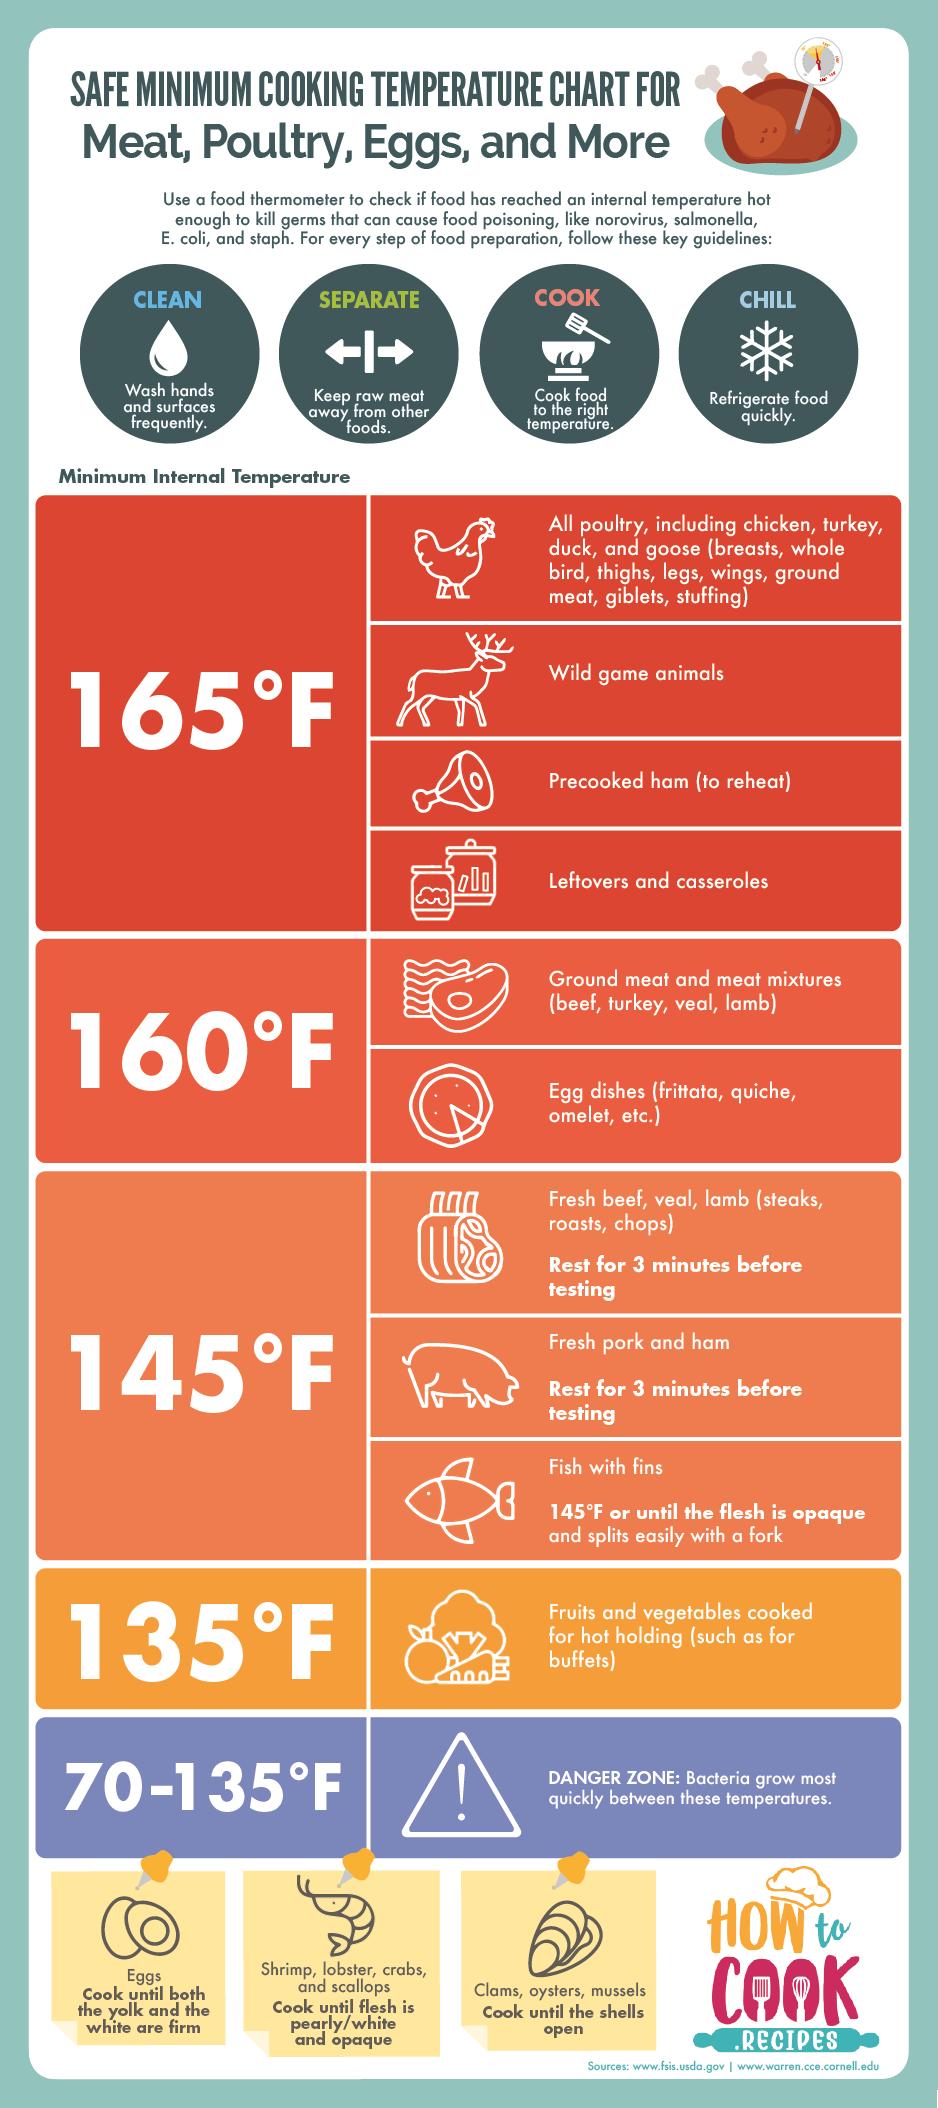 Safe Minimum Cooking Temperature Chart